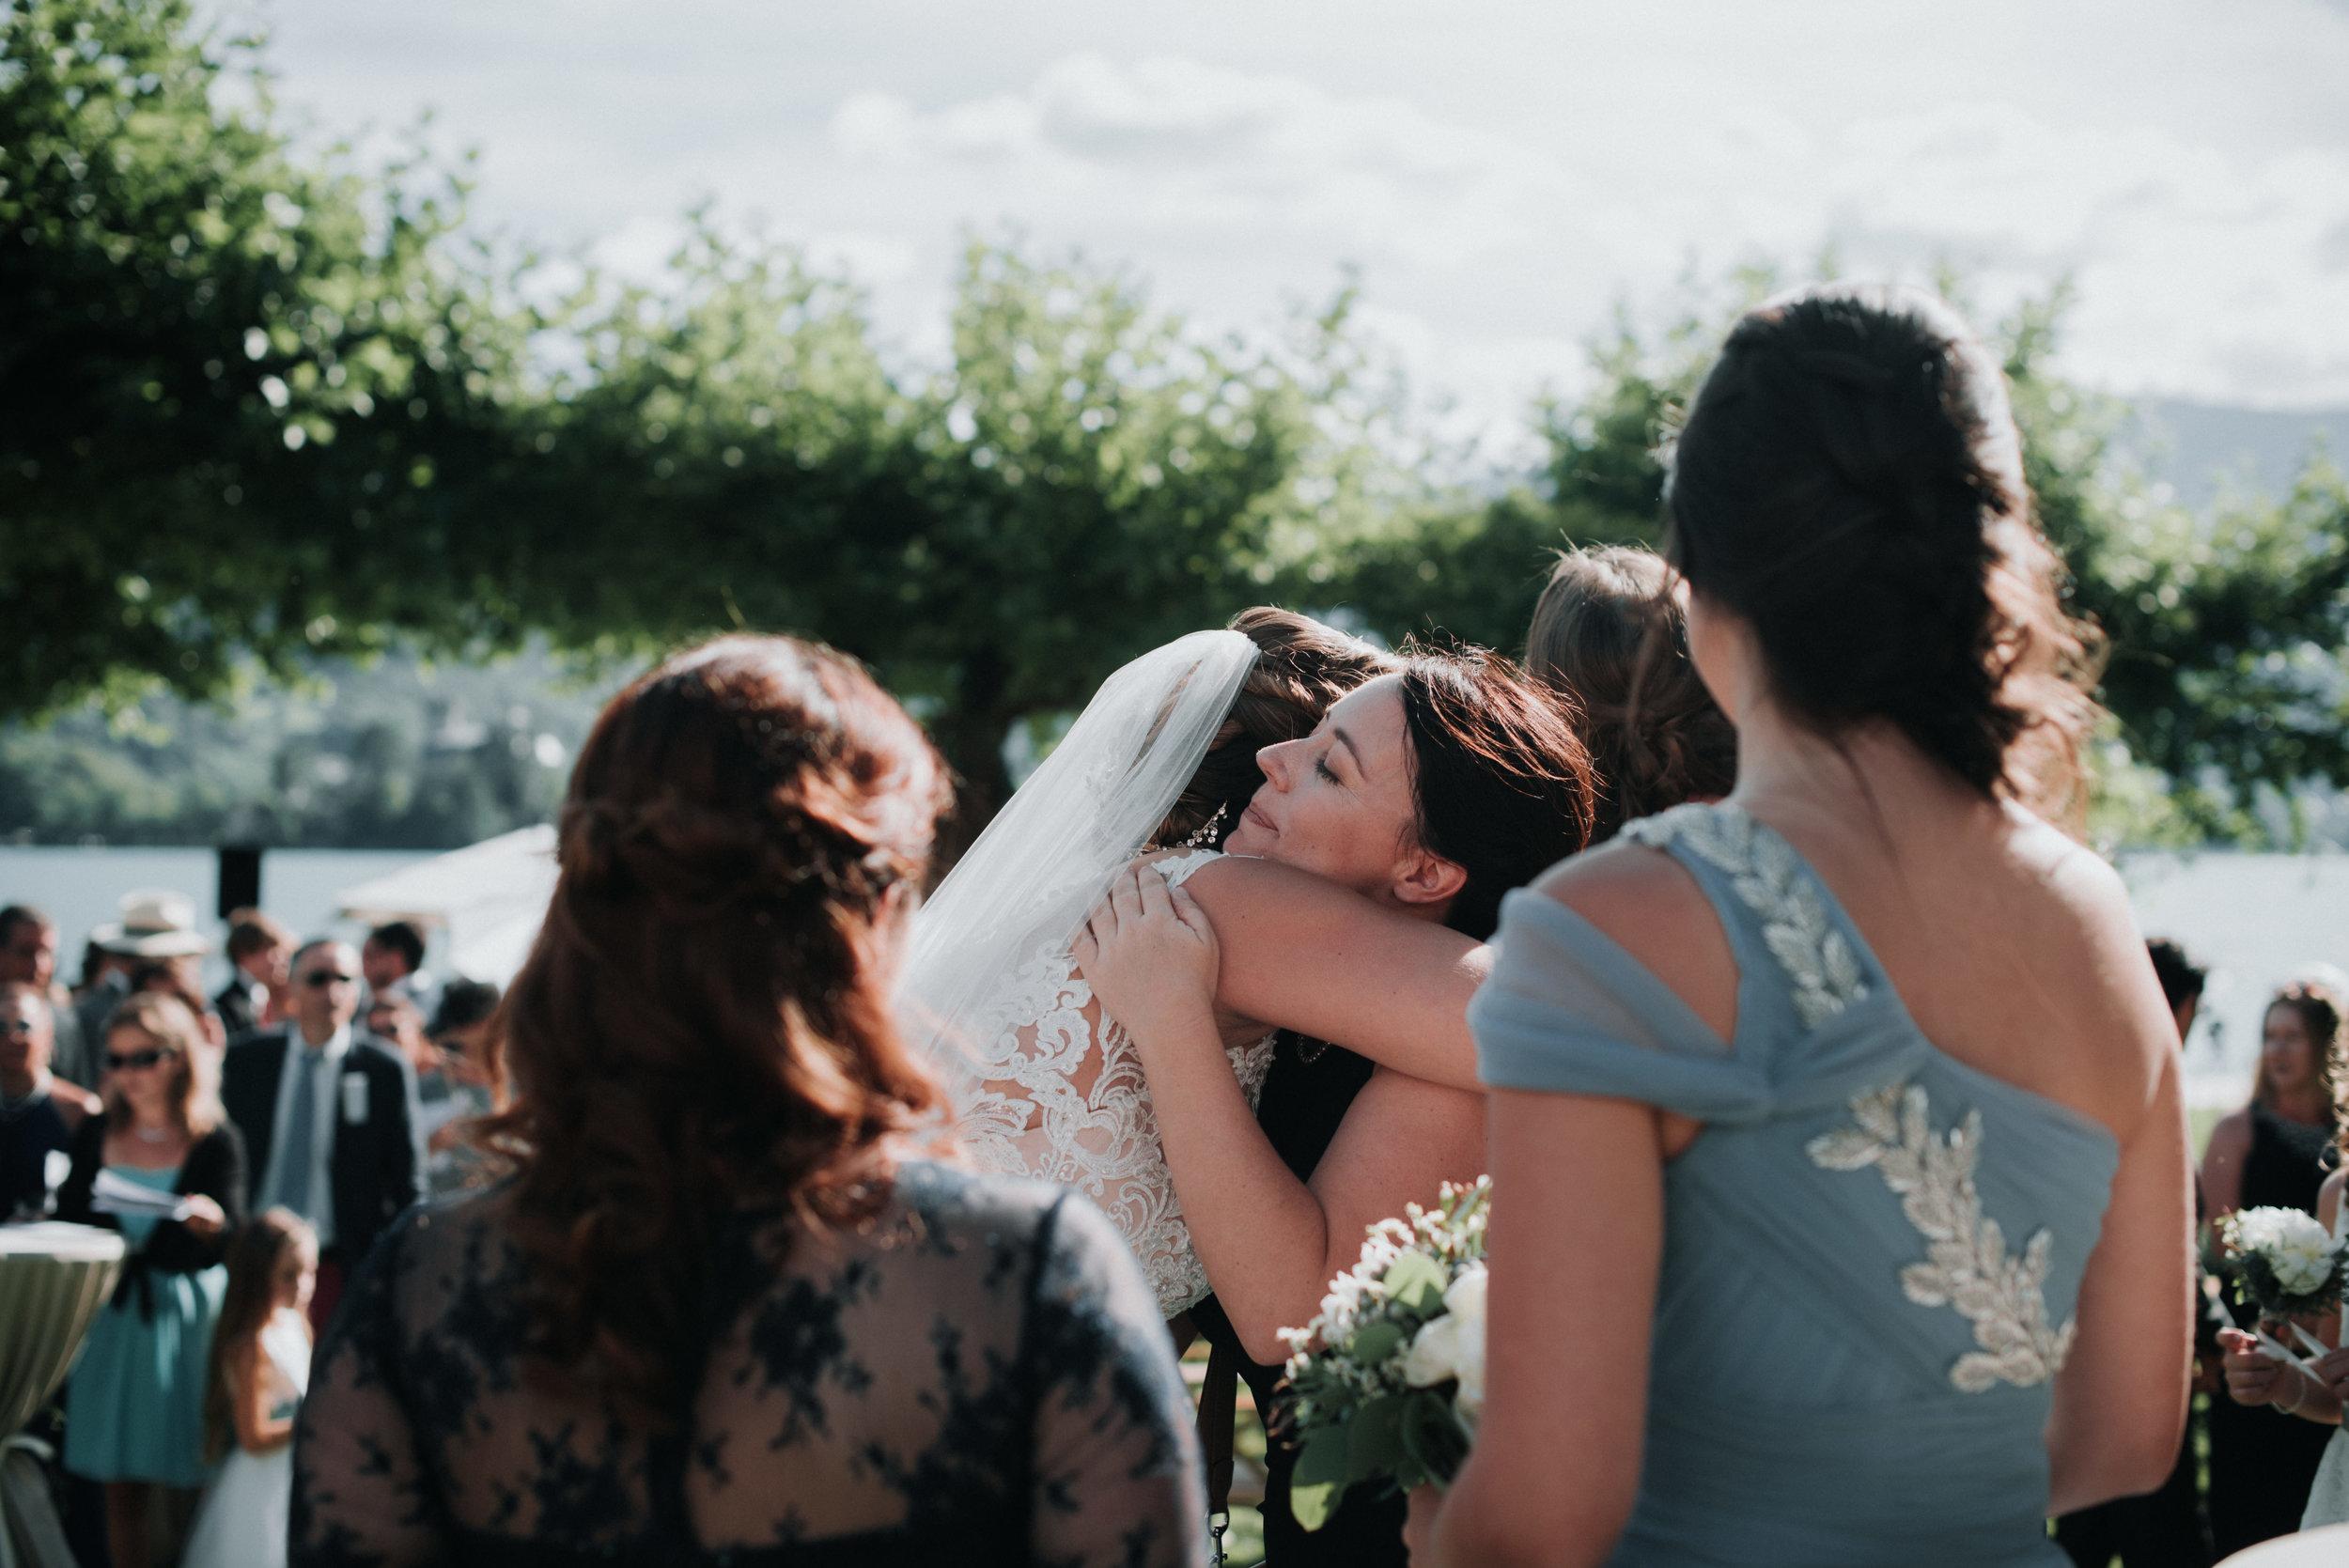 Léa-Fery-photographe-professionnel-lyon-rhone-alpes-portrait-creation-mariage-evenement-evenementiel-famille-0933.jpg